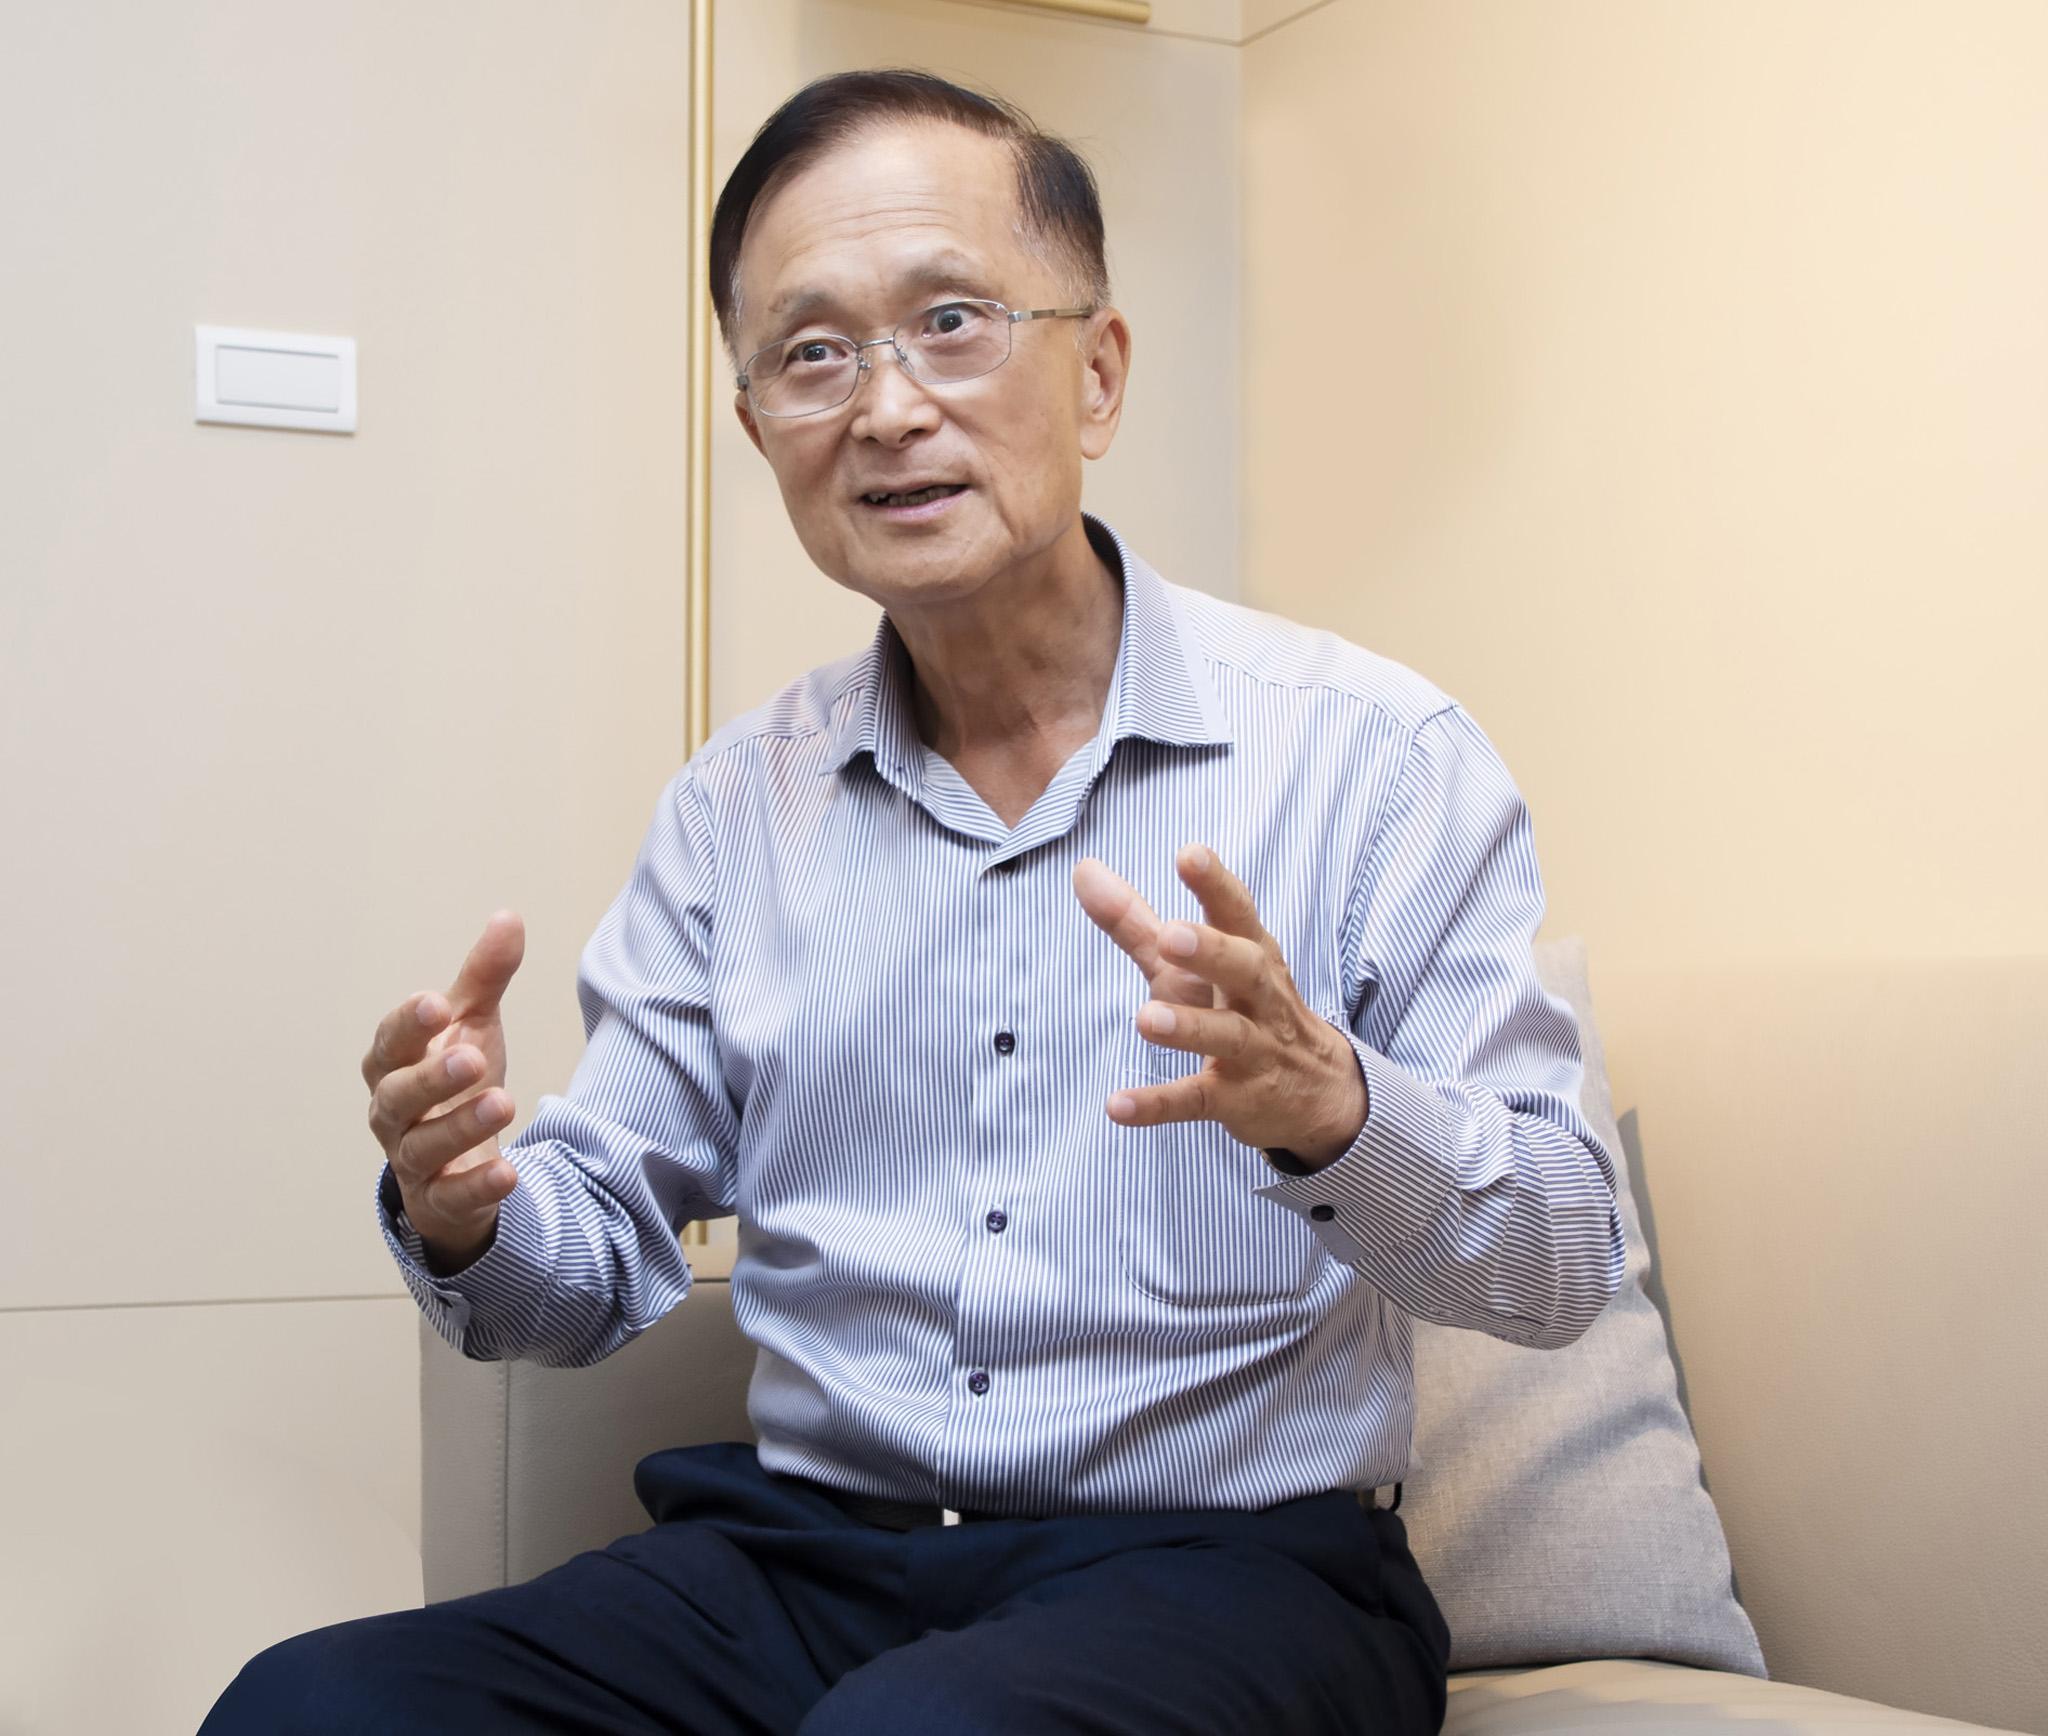 謝慶源會長暢談下階段的人生目標,堅持手心向下,持續付出。